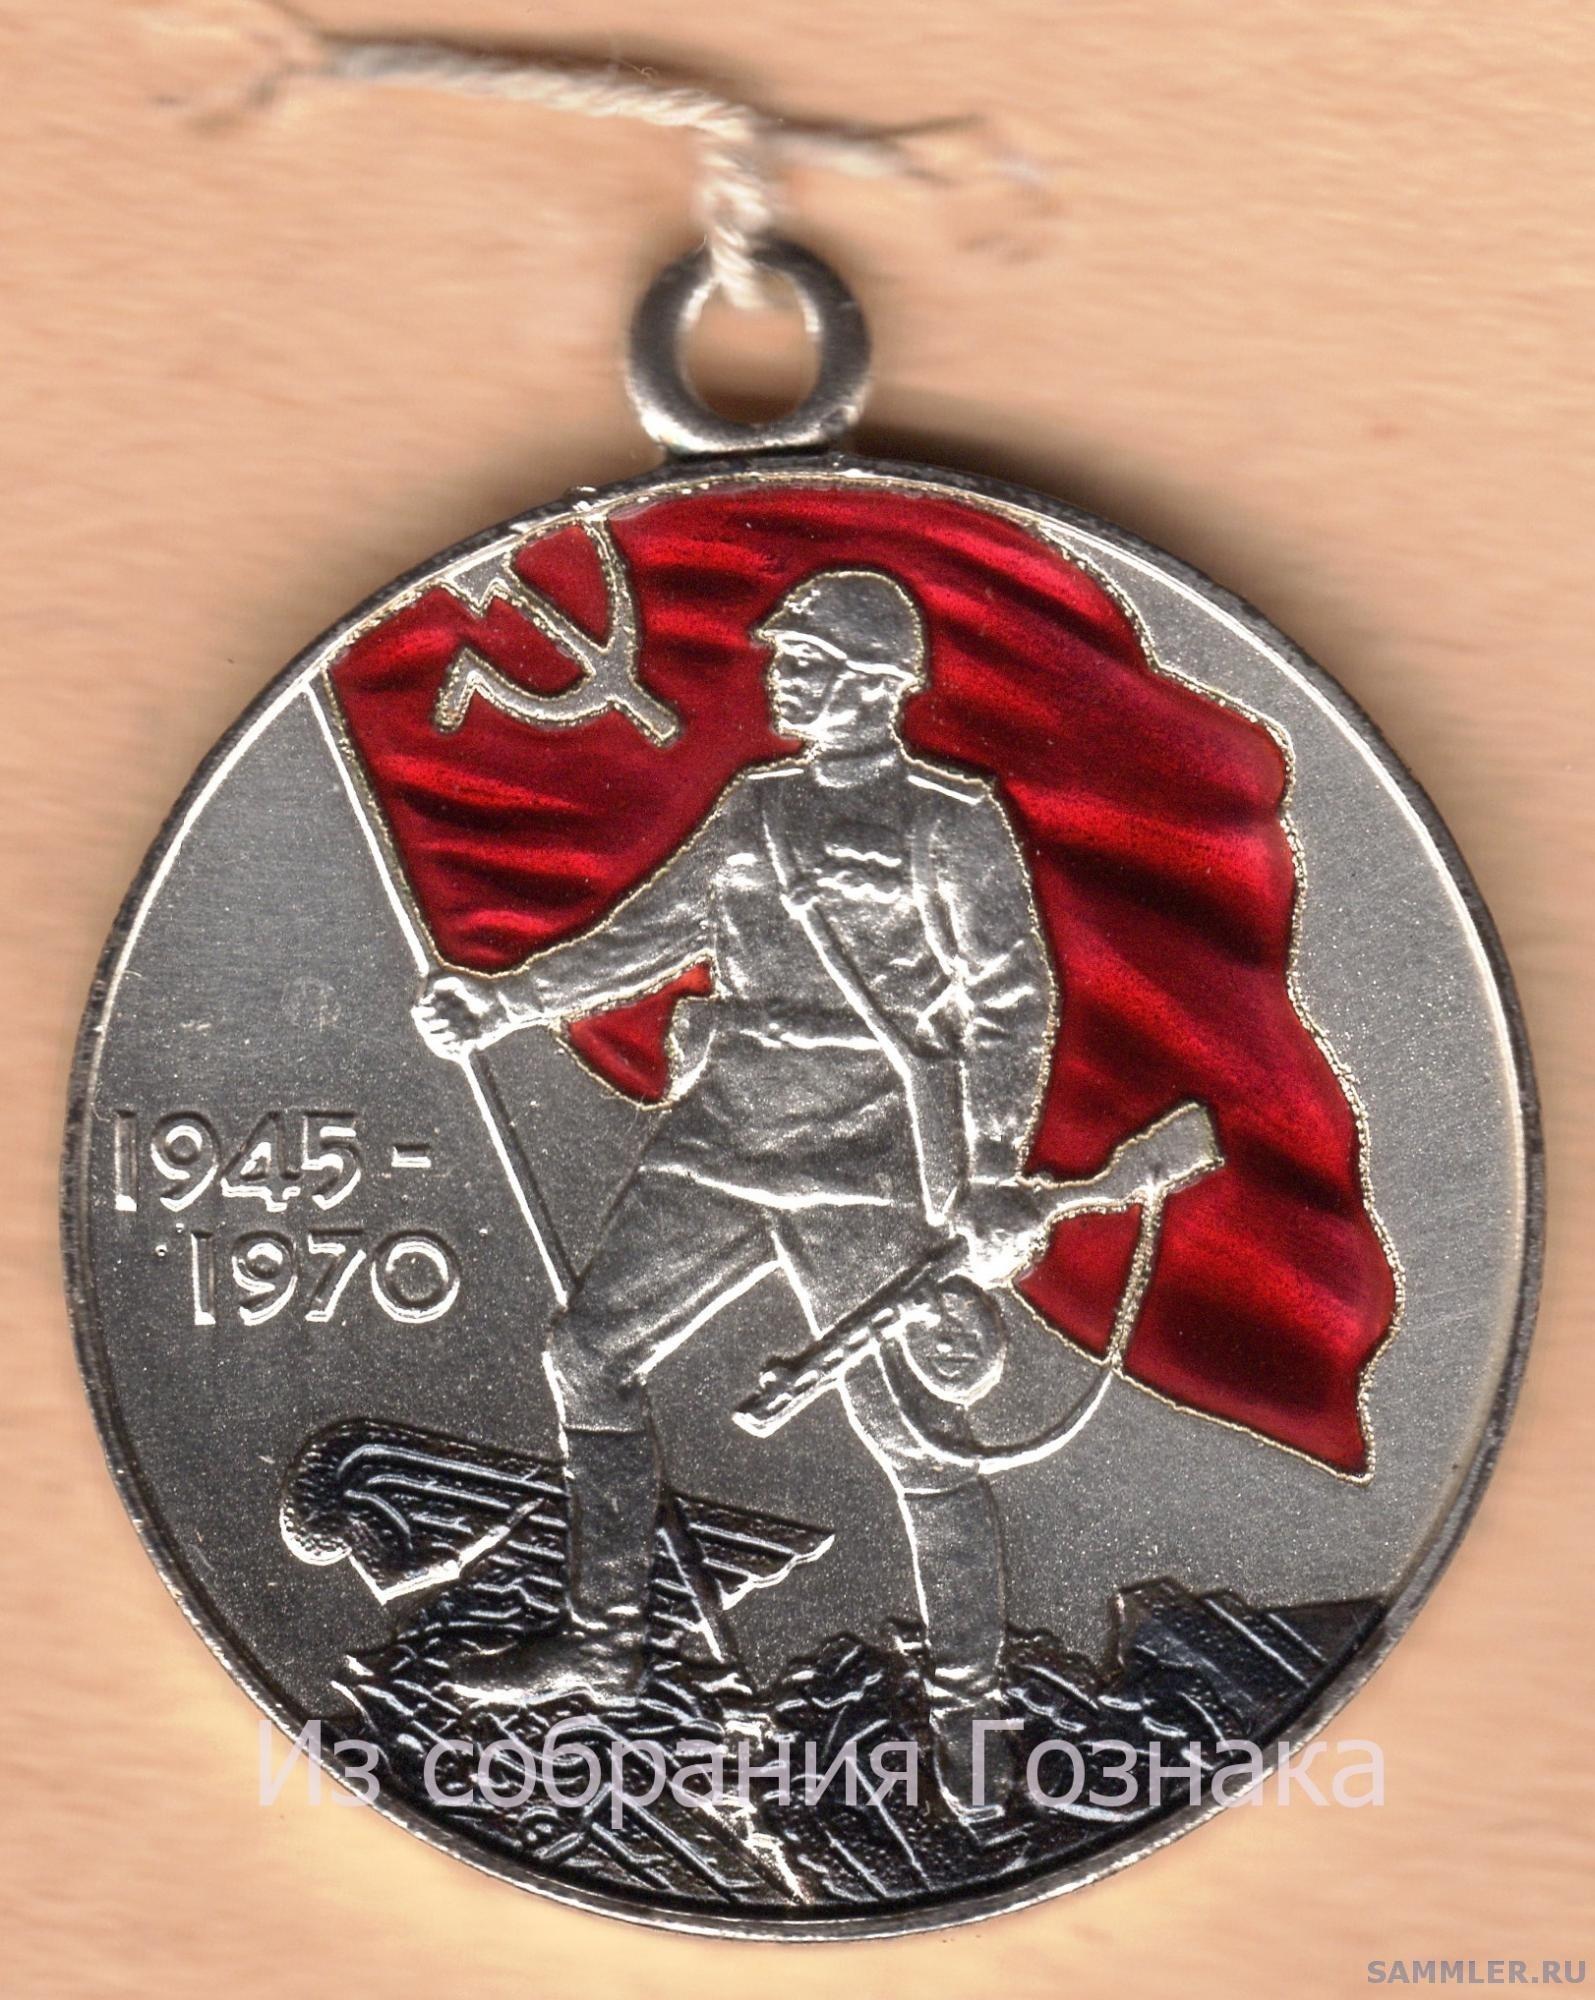 Проект медали 25 лет Победы 2.jpg